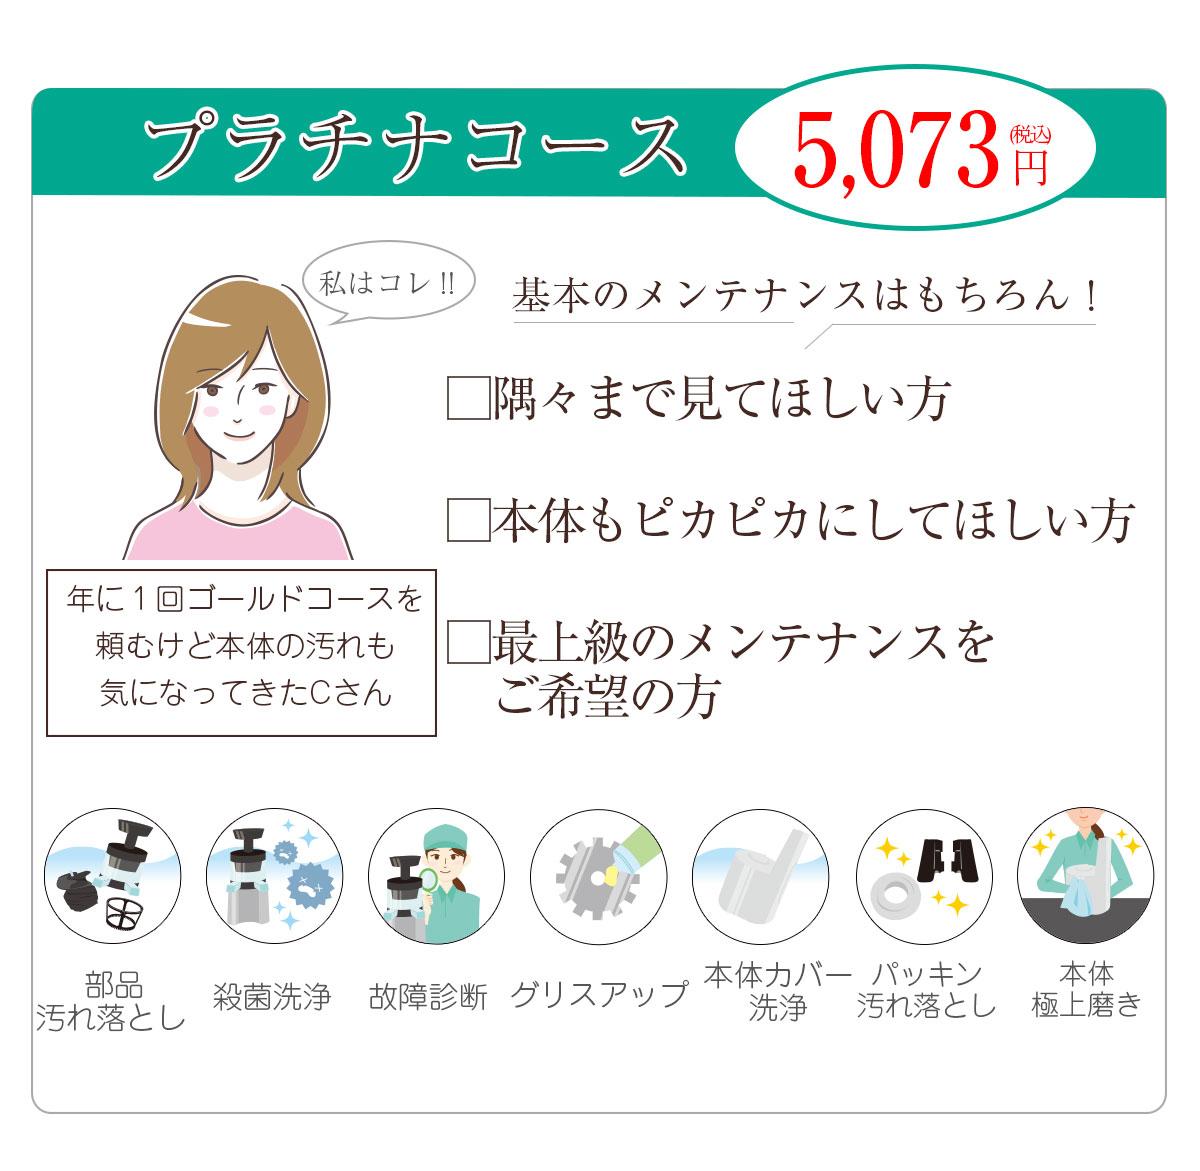 プラチナコース 5,073円